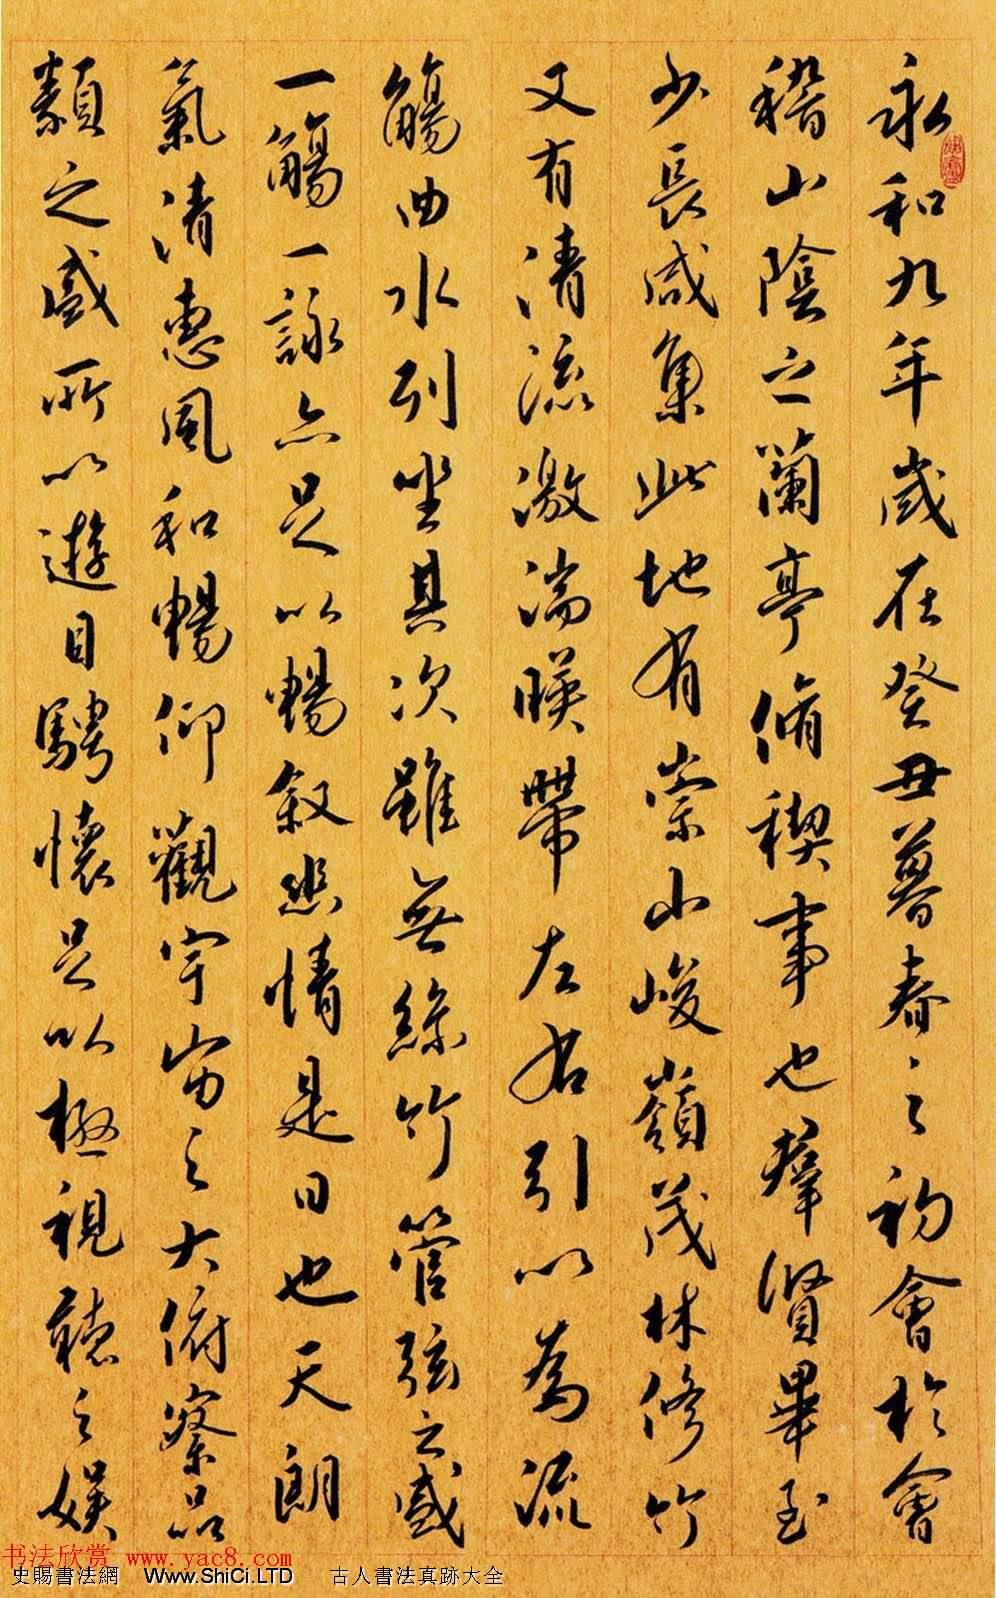 德樞王之鏻行書作品真跡蘭亭序(共3張圖片)